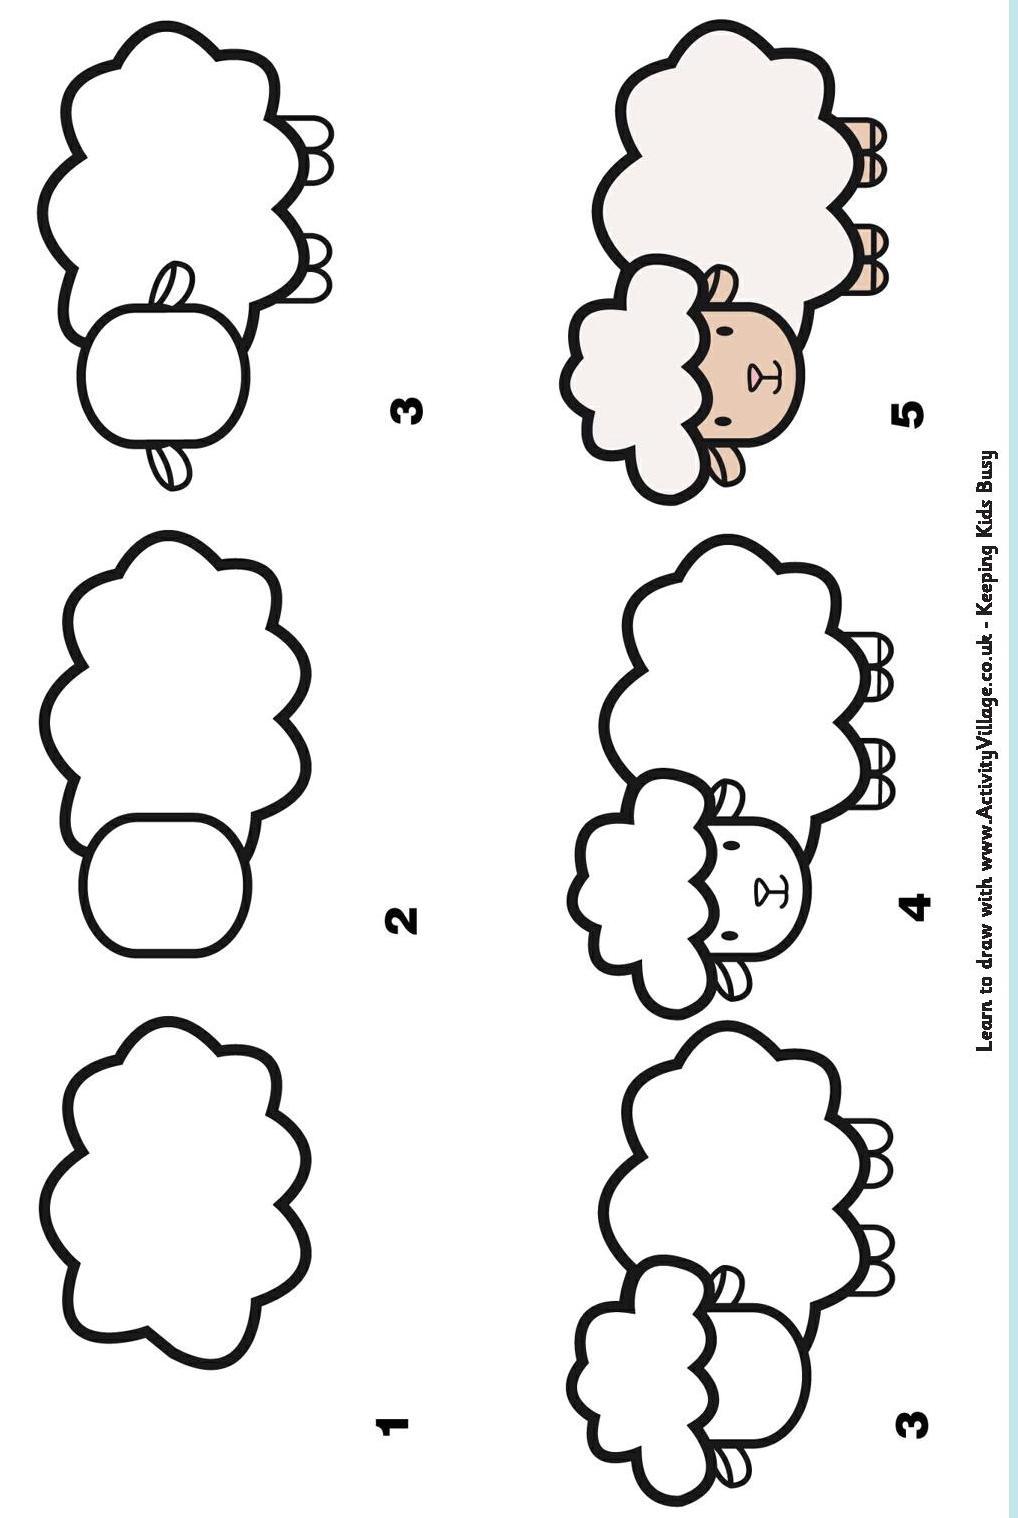 Apprendre À Dessiner - La Maternelle De Camille tout Apprendre À Dessiner En Maternelle